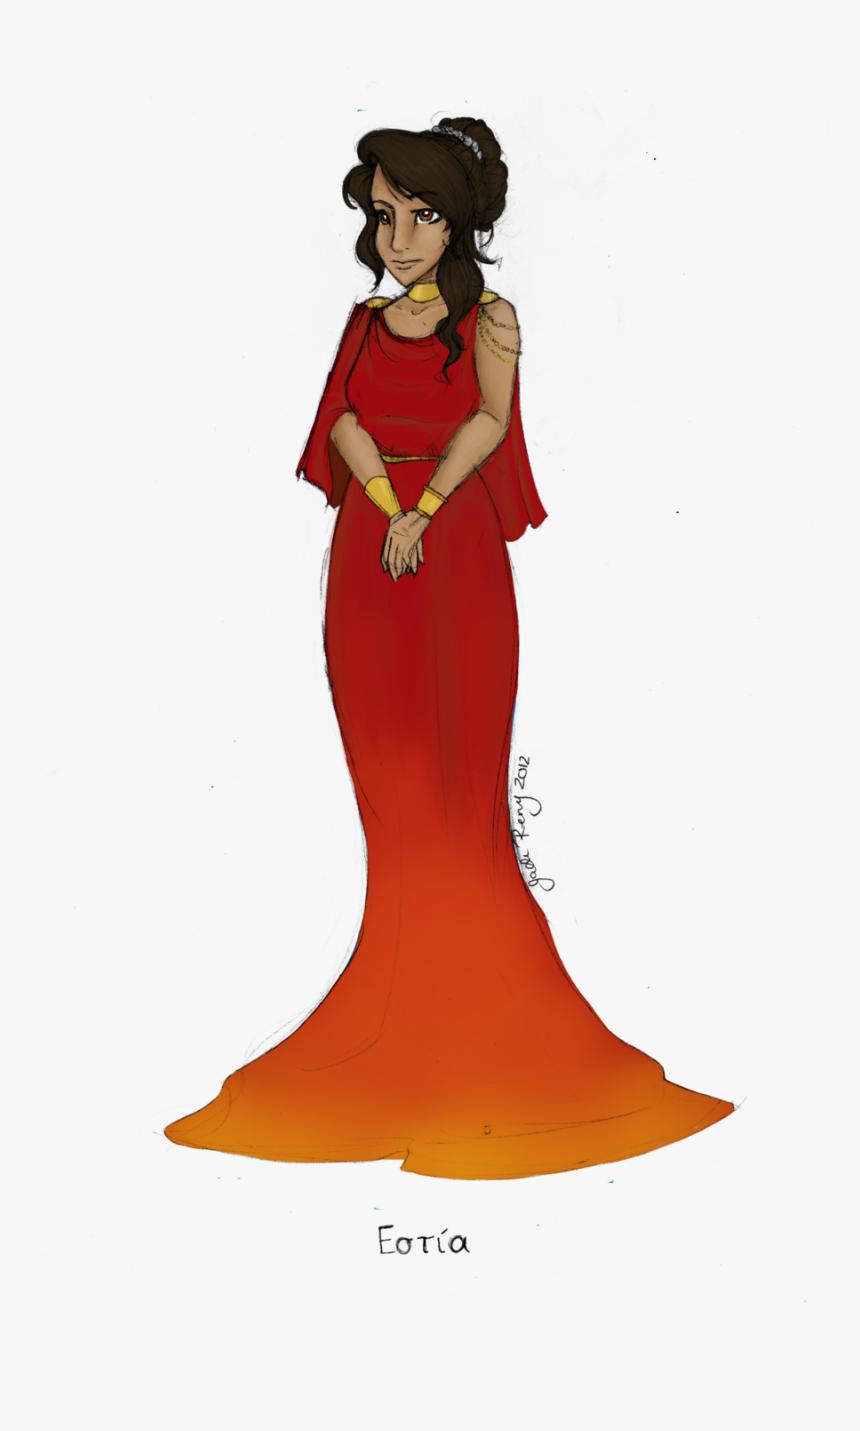 Greek Gods Clip Art - color and outlines   Greek gods, Greek mythology art,  Greek and roman mythology